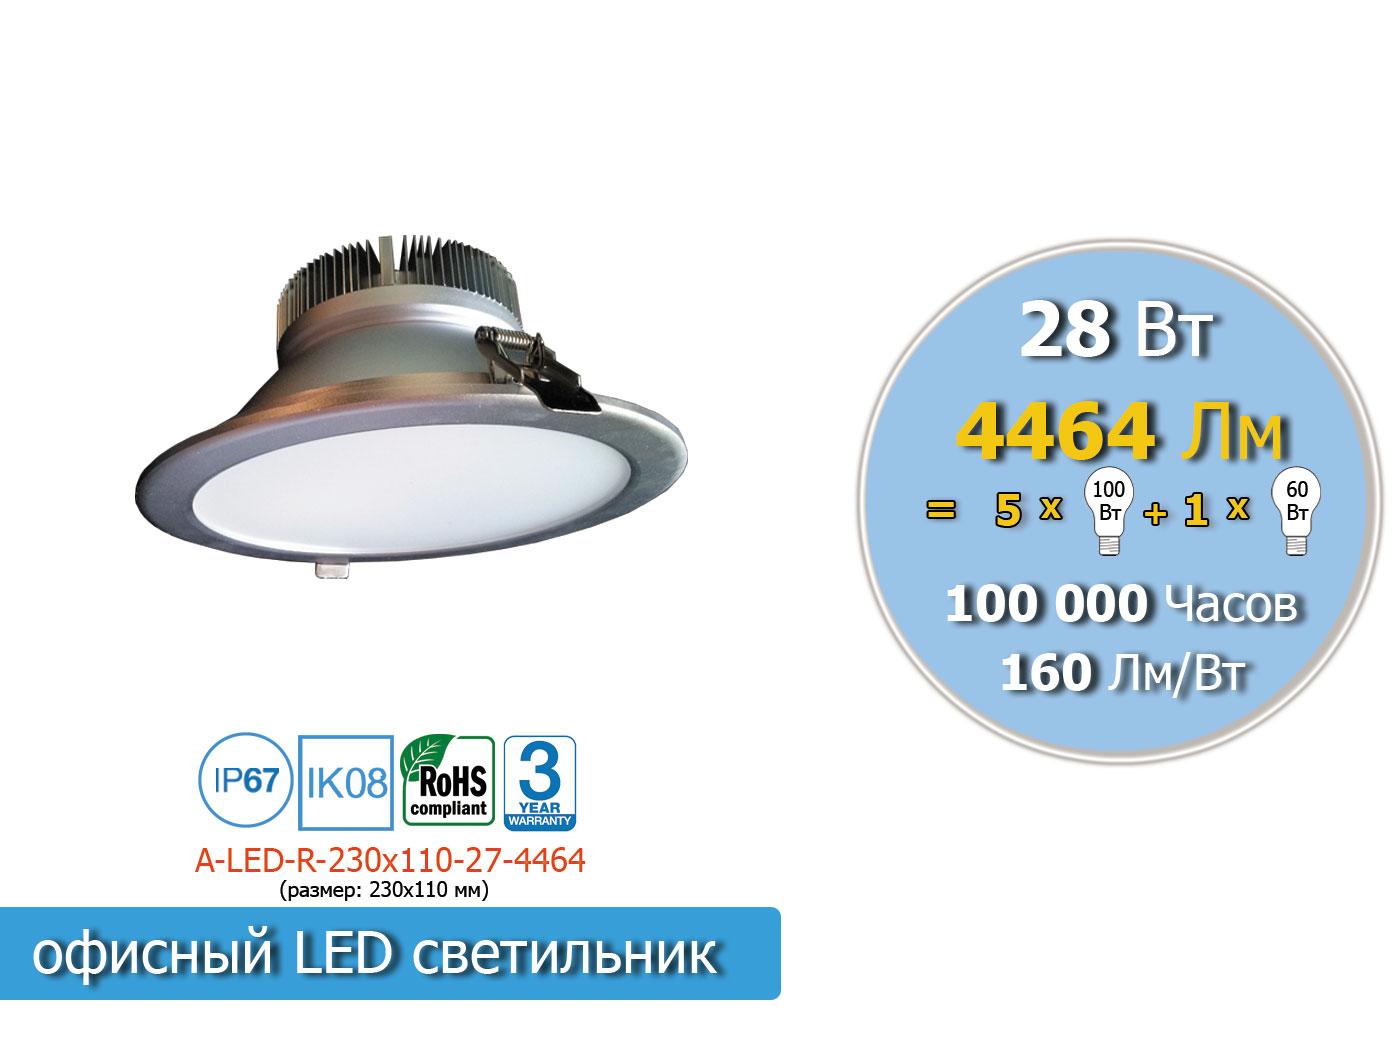 A-LED-R-230x110-27-4464